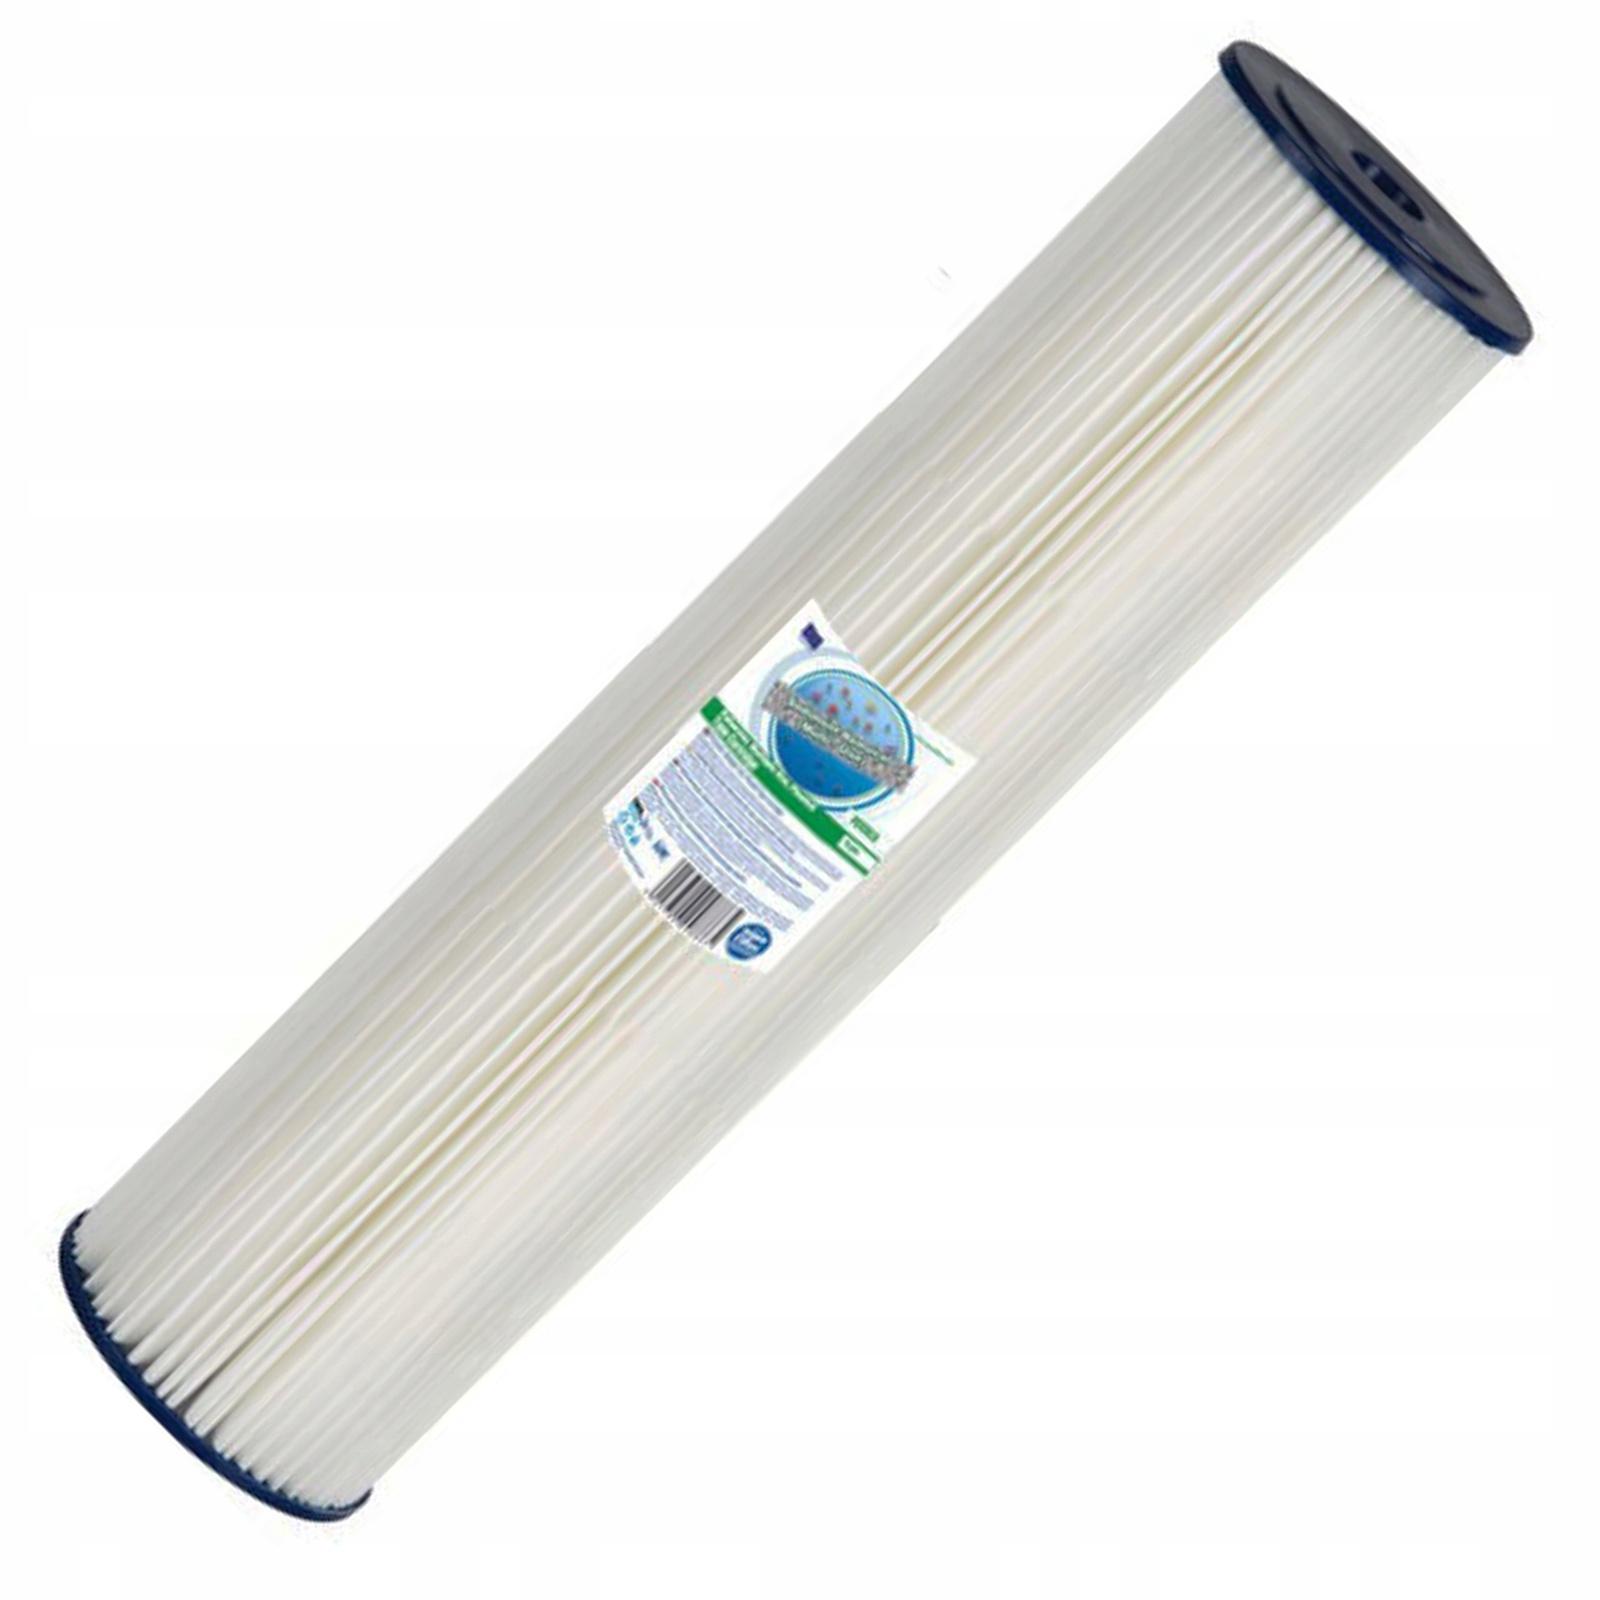 Картридж гармошечного типа 20ВВ - 5 мкм (полиэстер, многократного использования, для холодной воды) Aquafilter FCCEL5M20B, 640